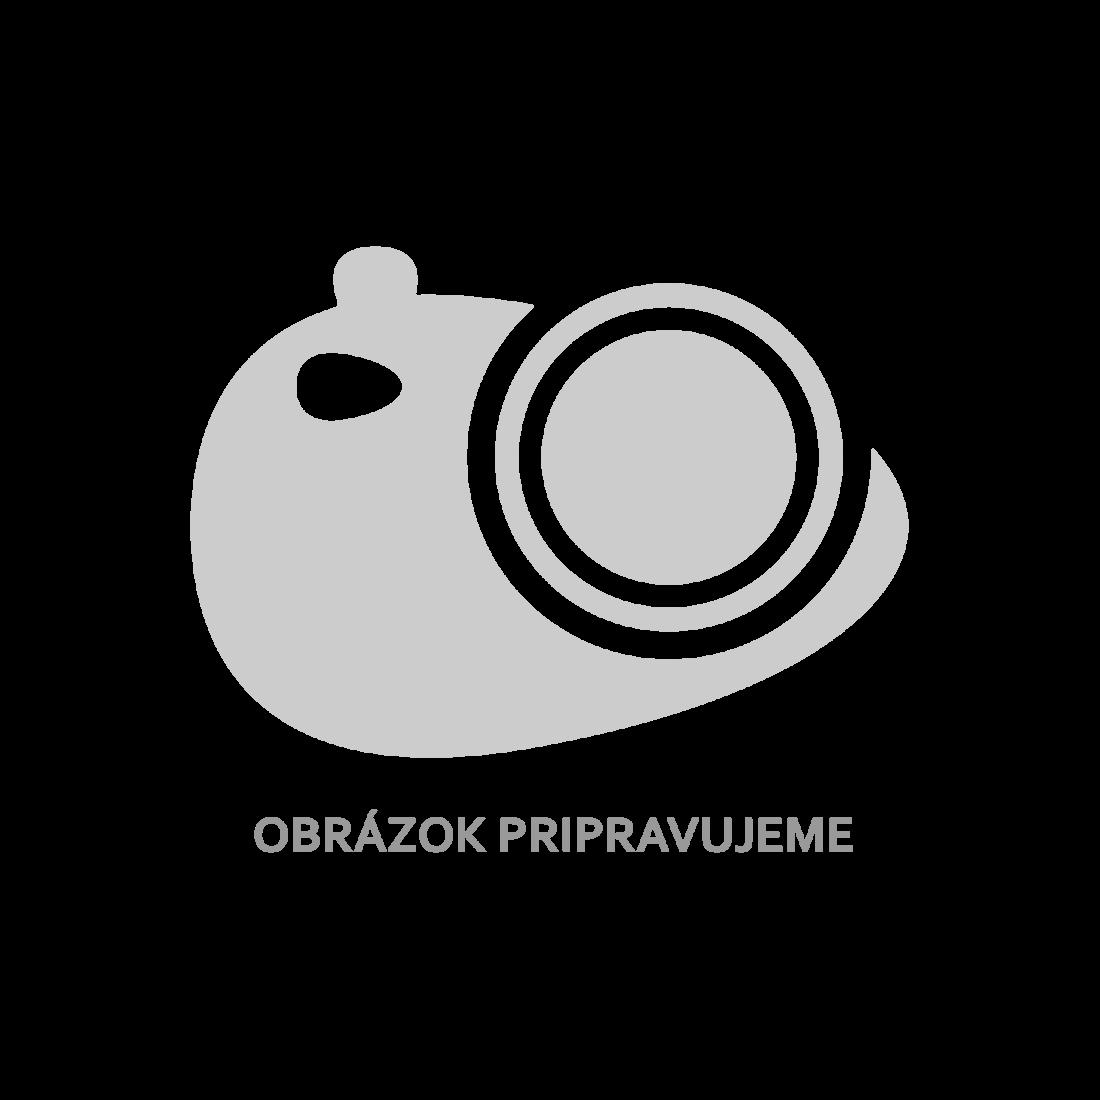 Čierna ženská krajčírska figurína